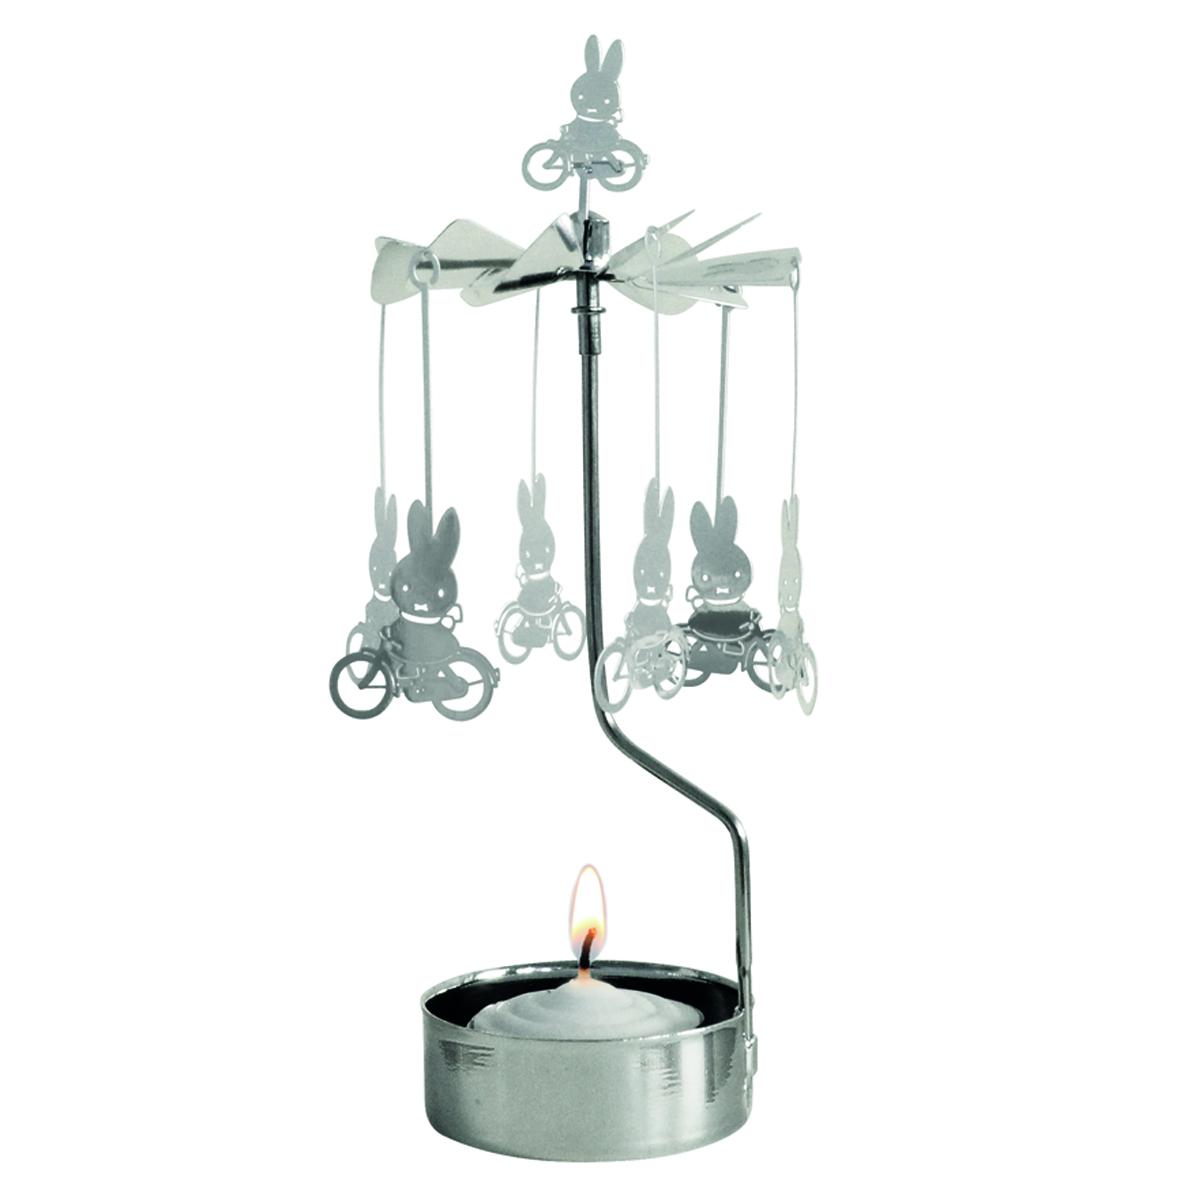 Bougeoir carrousel métal \'Miffy\' argenté (vélos) - 16x65 cm - [R0562]